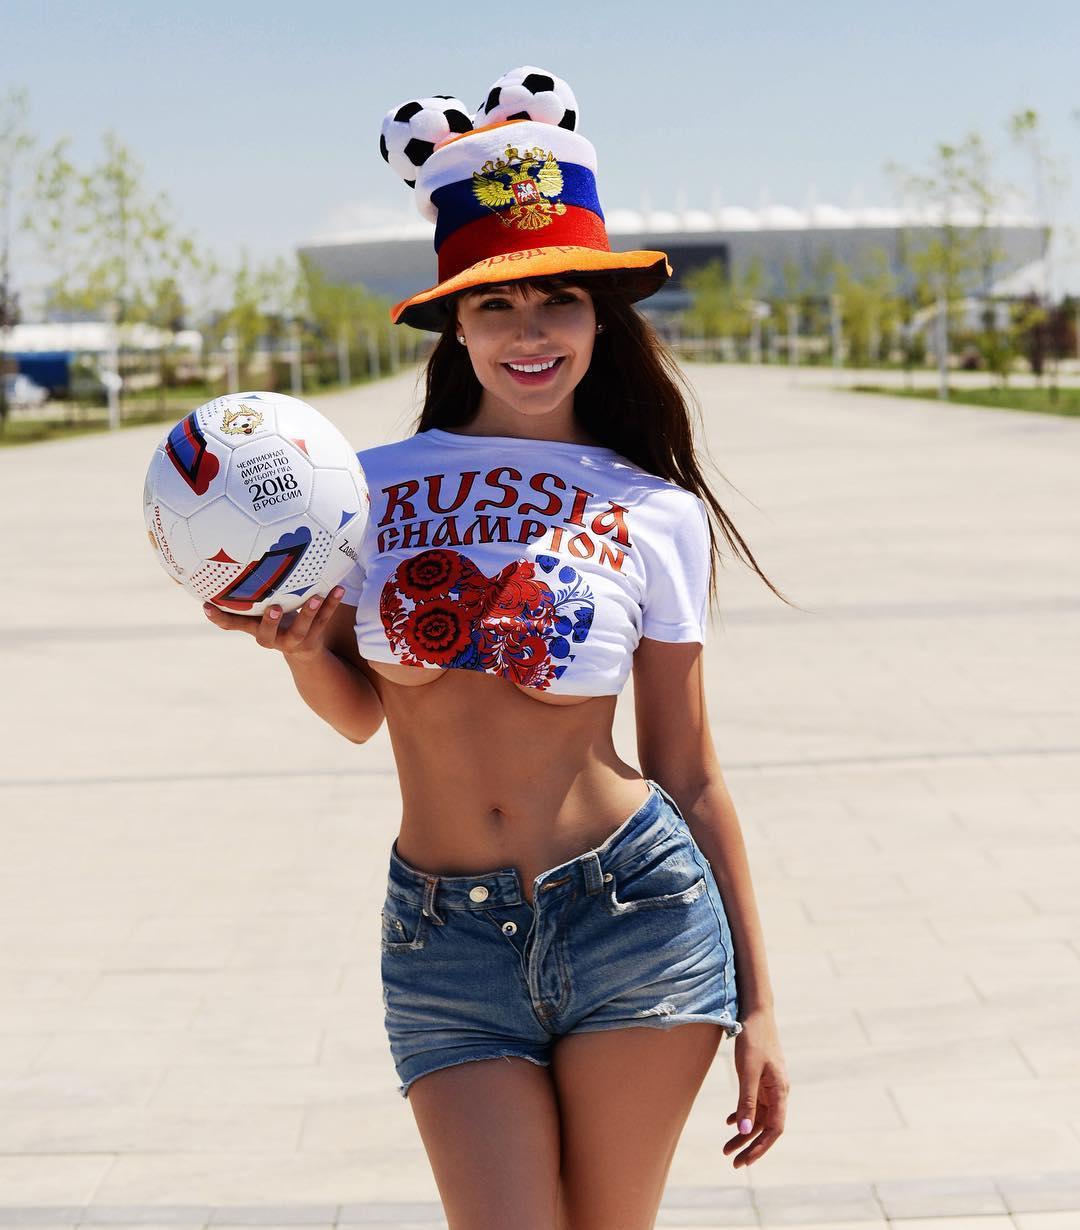 Модель Playboy из Ростова-на-Дону Мария Лиман